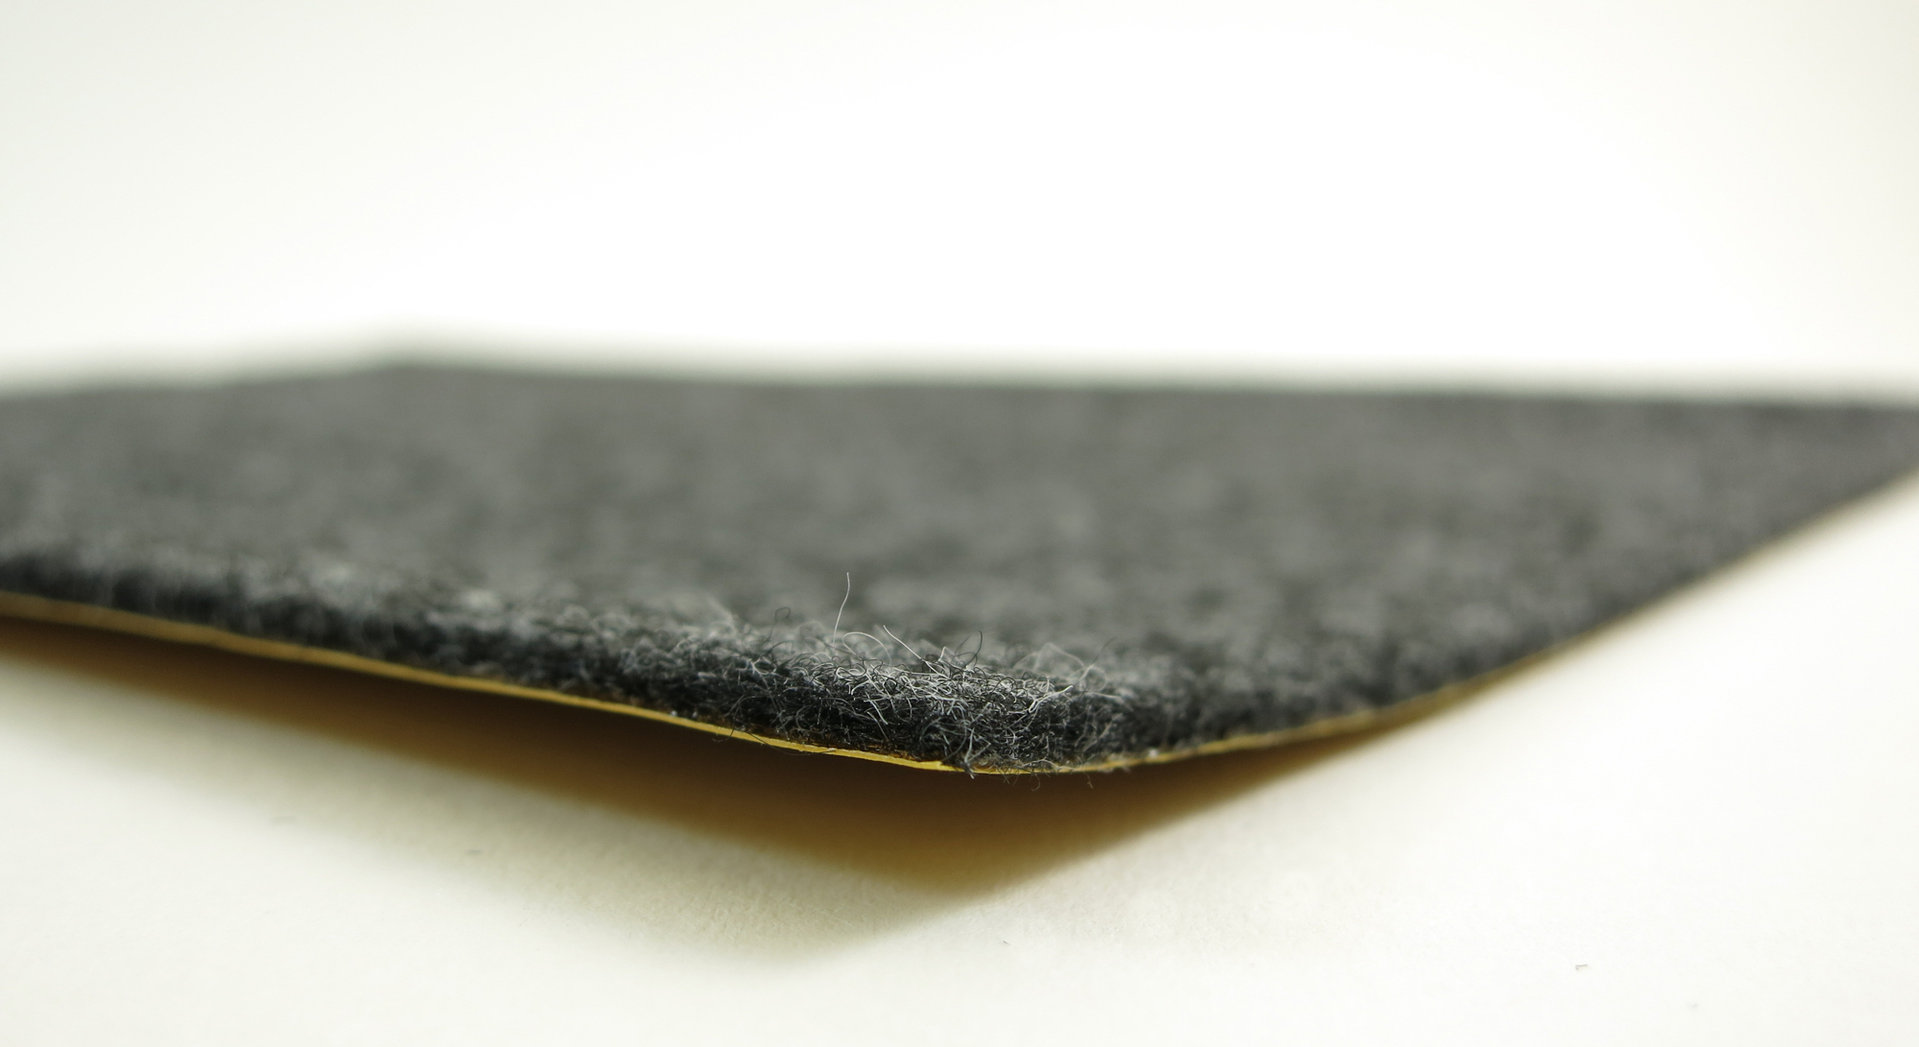 Filzgleiter quadratisch ab 5x5cm, 2mm dick | selbstklebend | schwarz + anthrazit